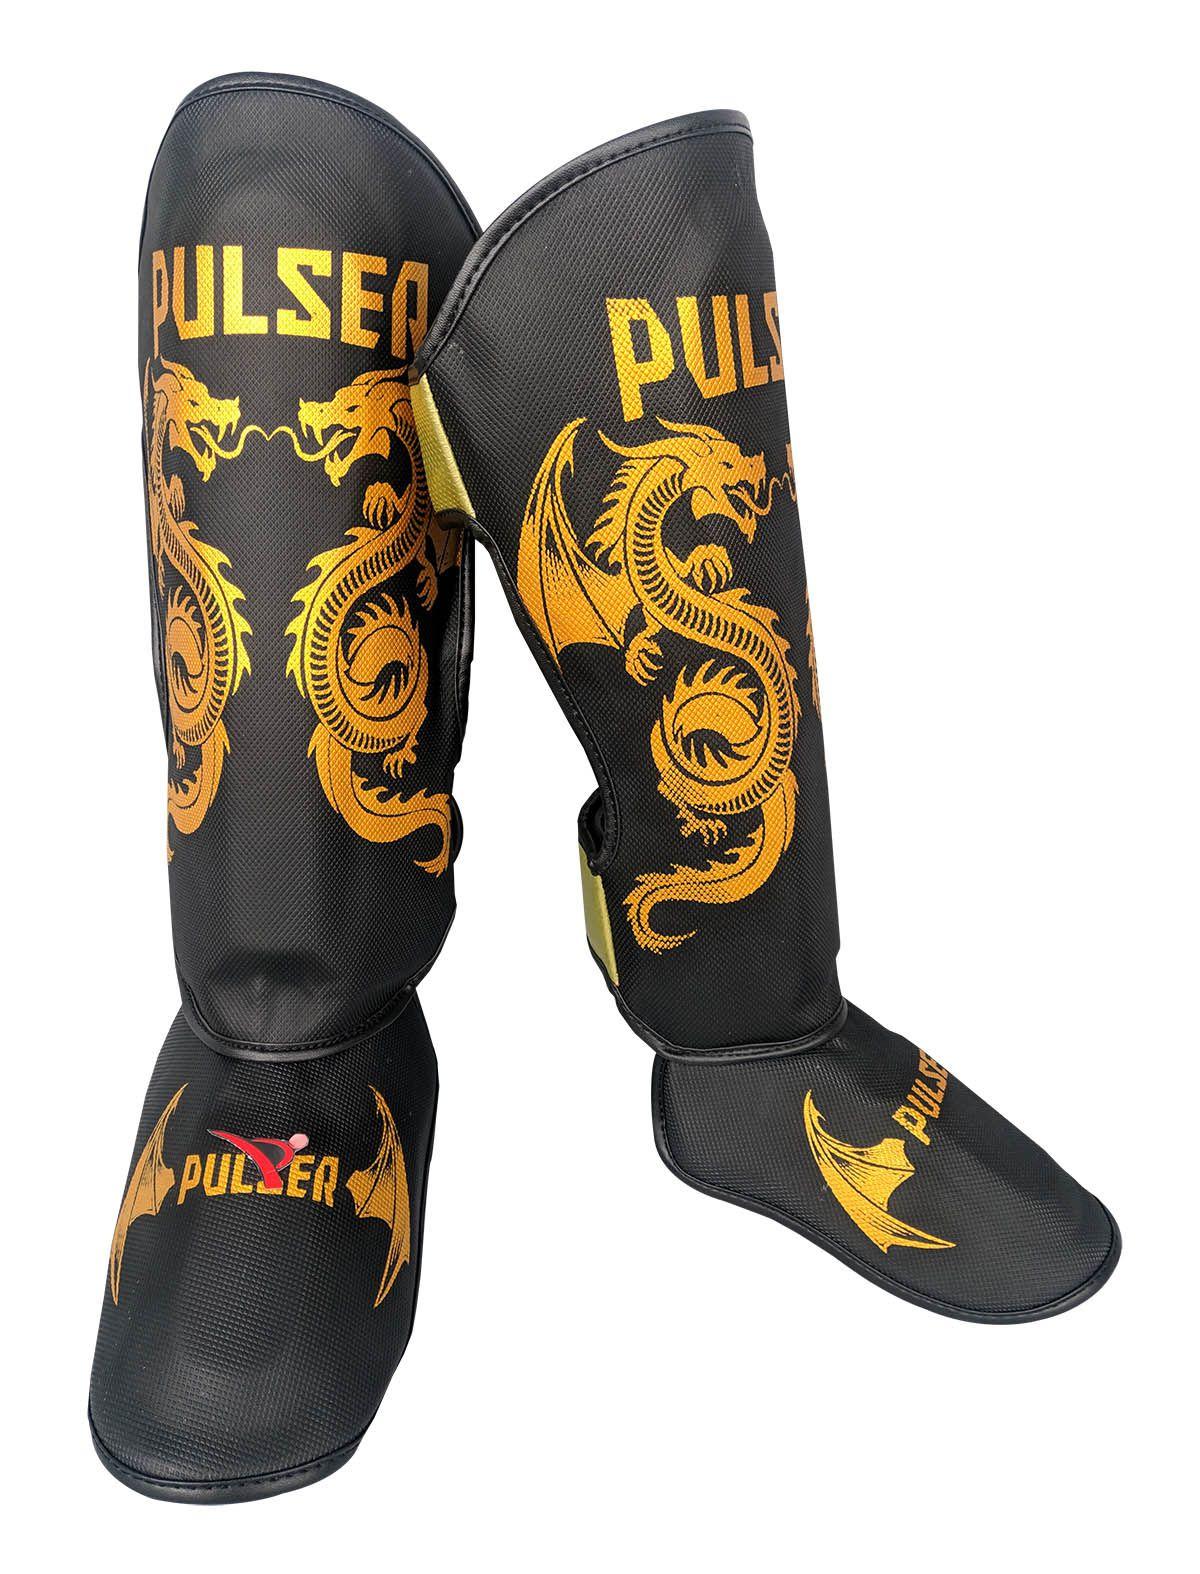 Caneleira Muay Thai MMA Dragão Preto Grande 30mm - Pulser  - PRALUTA SHOP